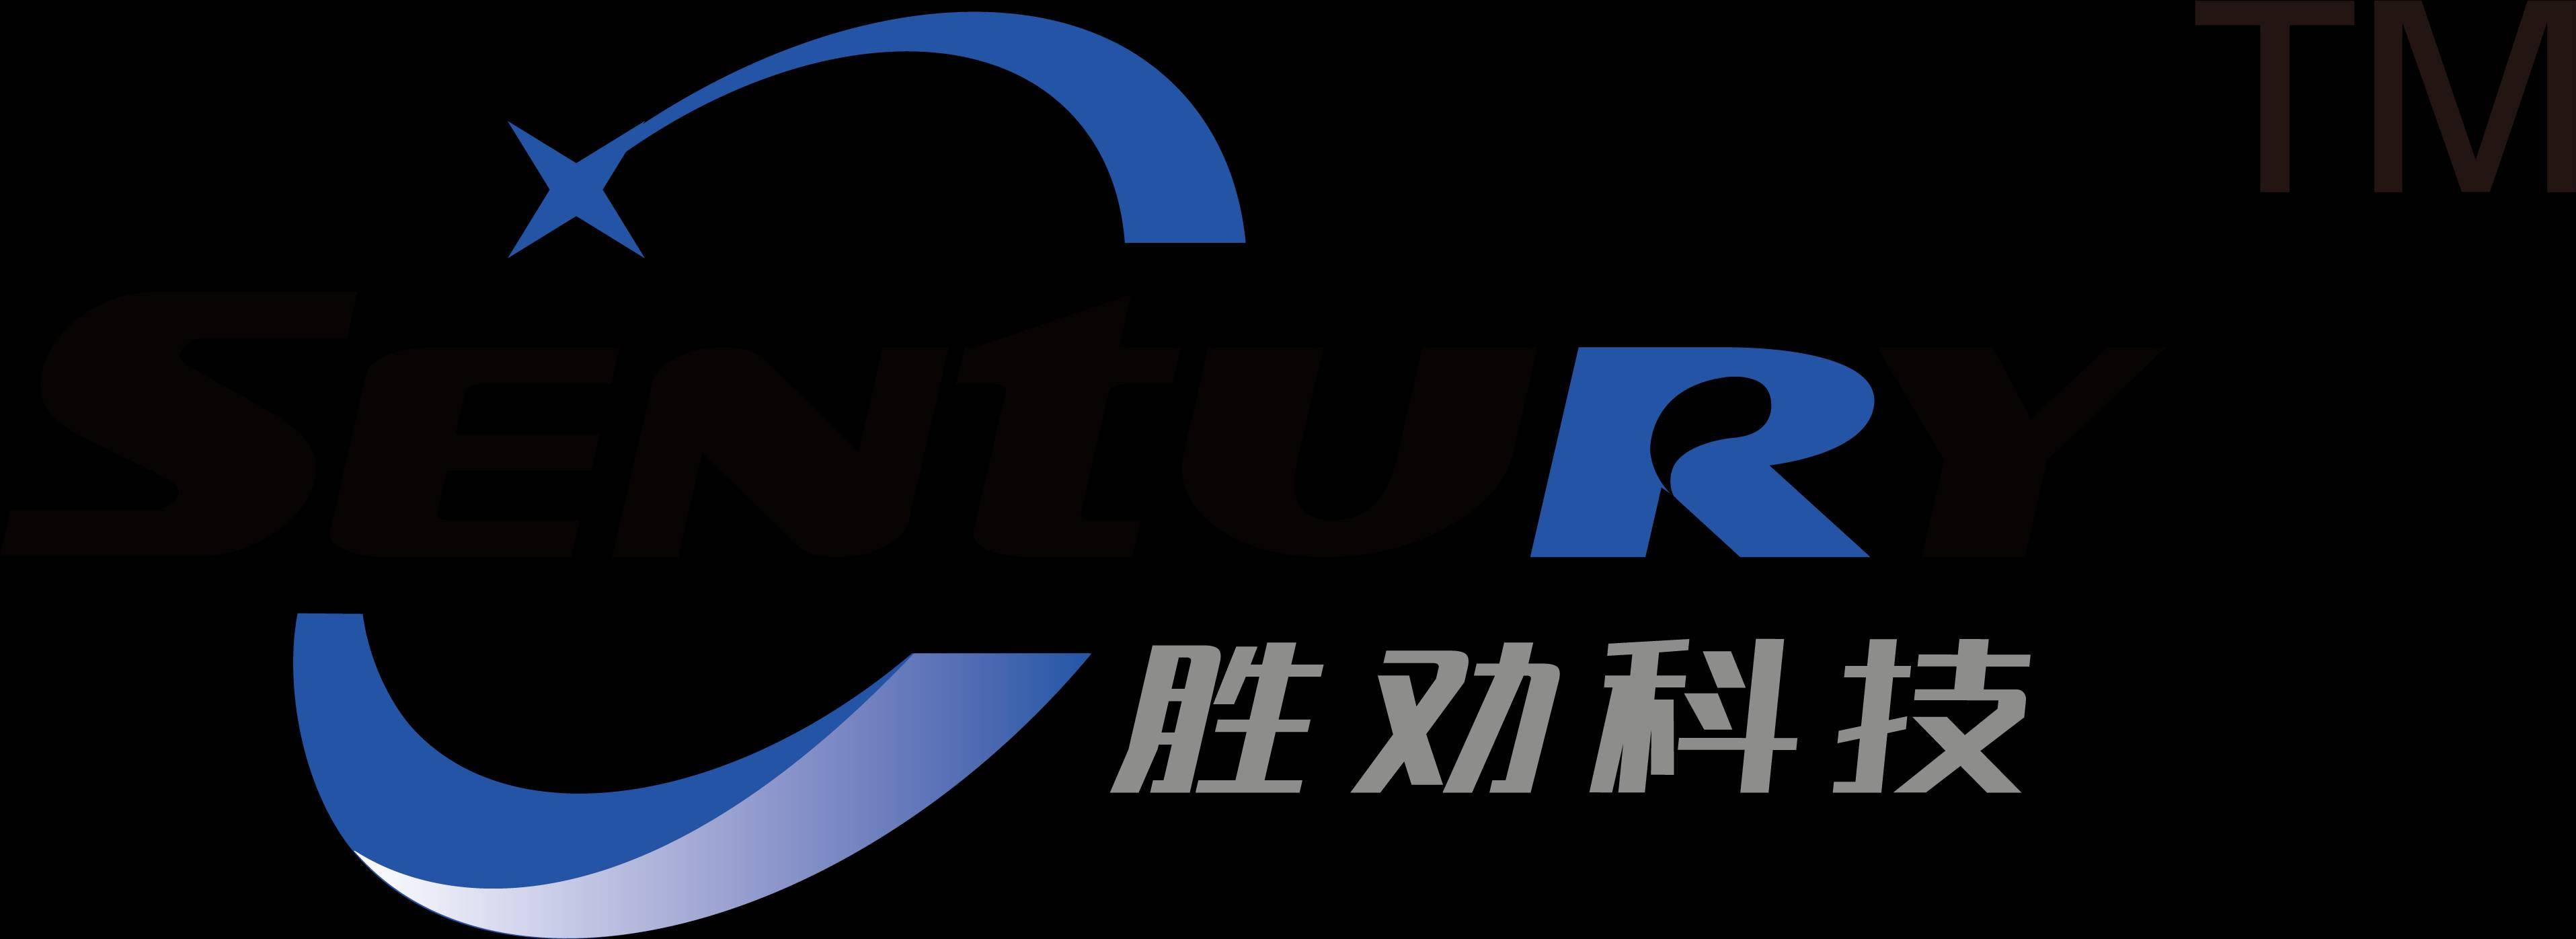 宜昌市胜氢生物科技有限公司